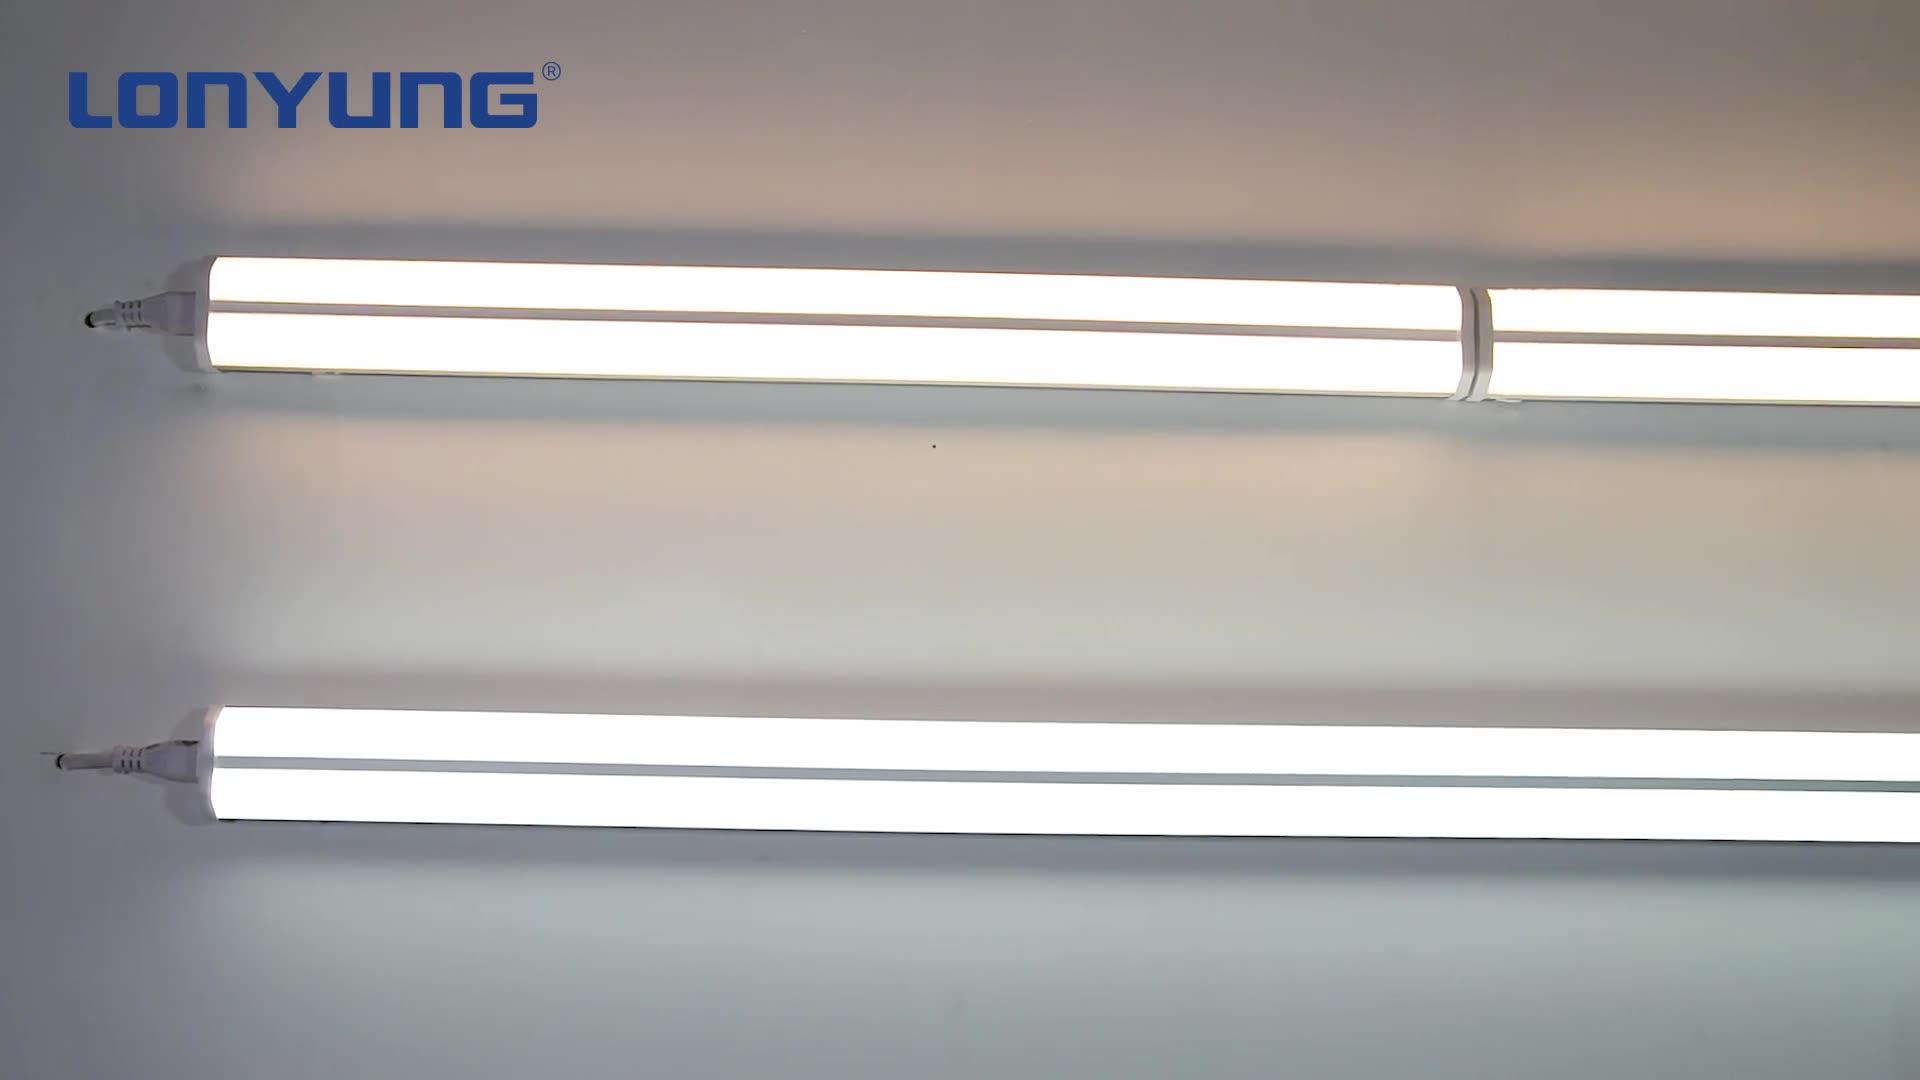 Schnelle wärme kühlung aluminium führte schlauch t5 doppel rohre für besser beleuchtung